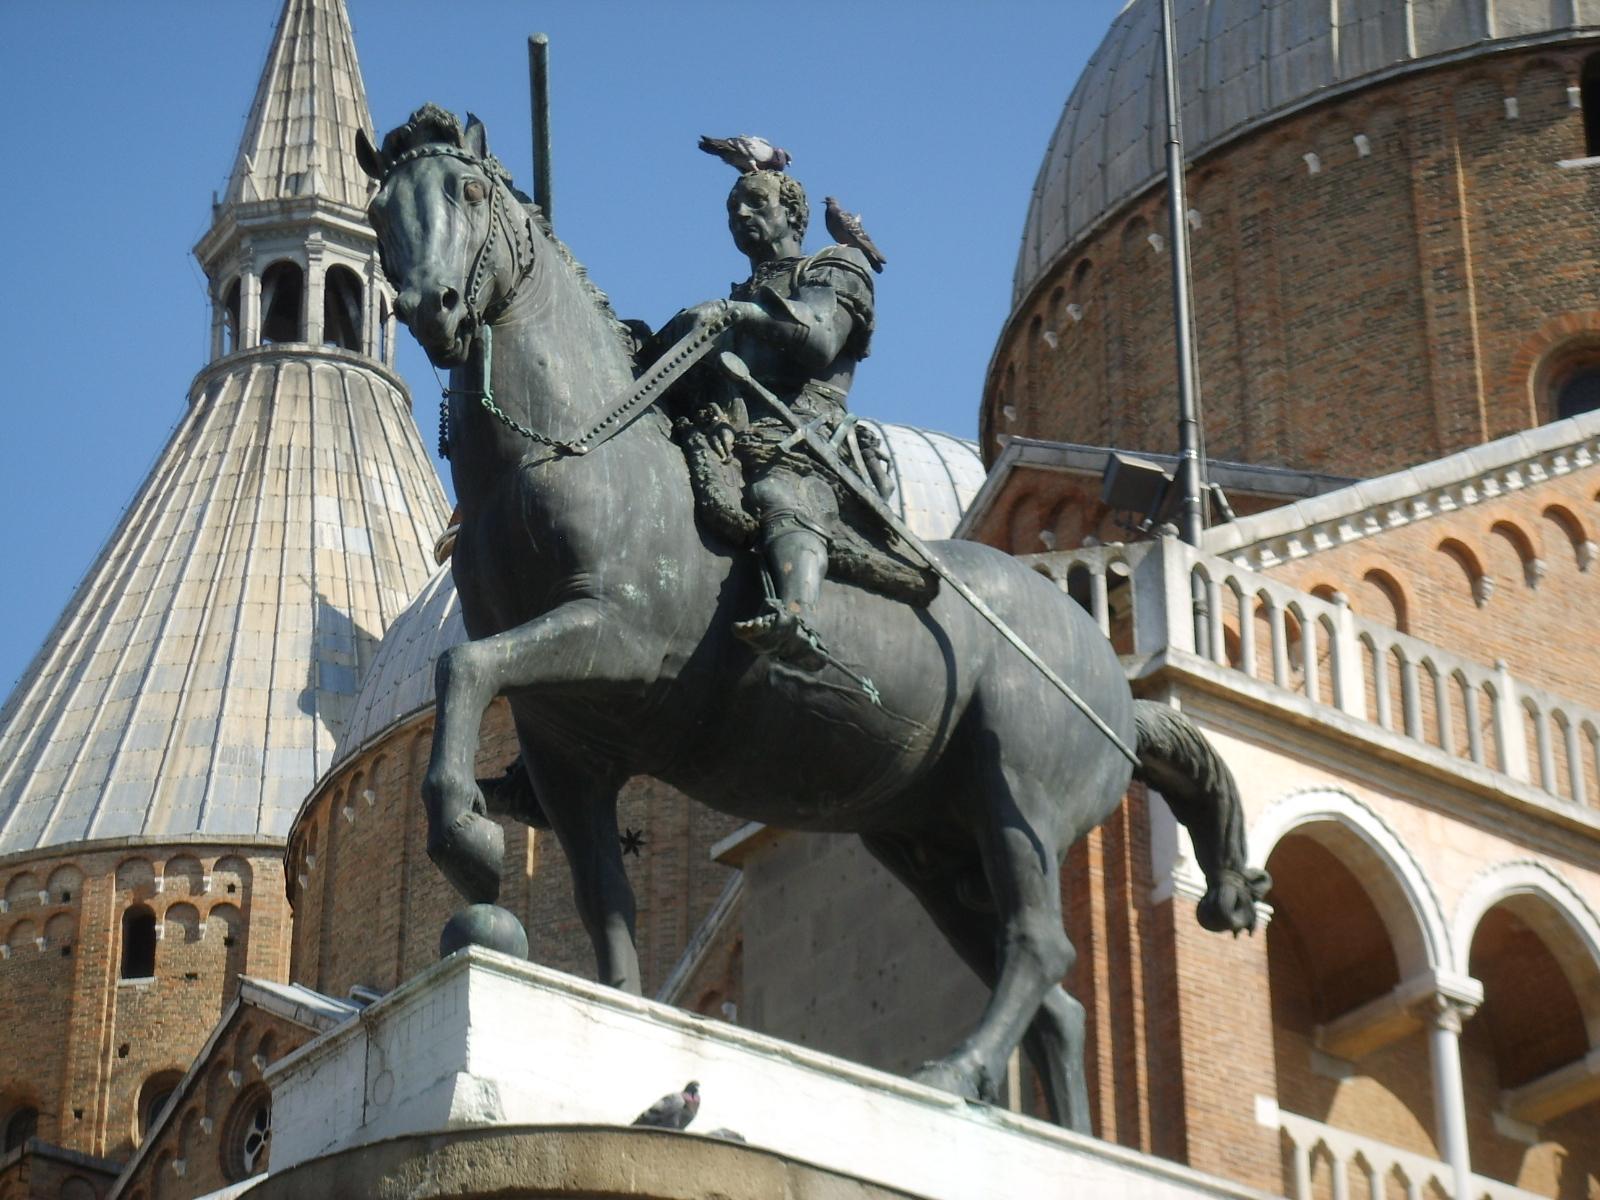 Descrizione Donatello  Monumento equestre al Gattamelata 05 JPGDonatello Equestrian Statue Of Gattamelata